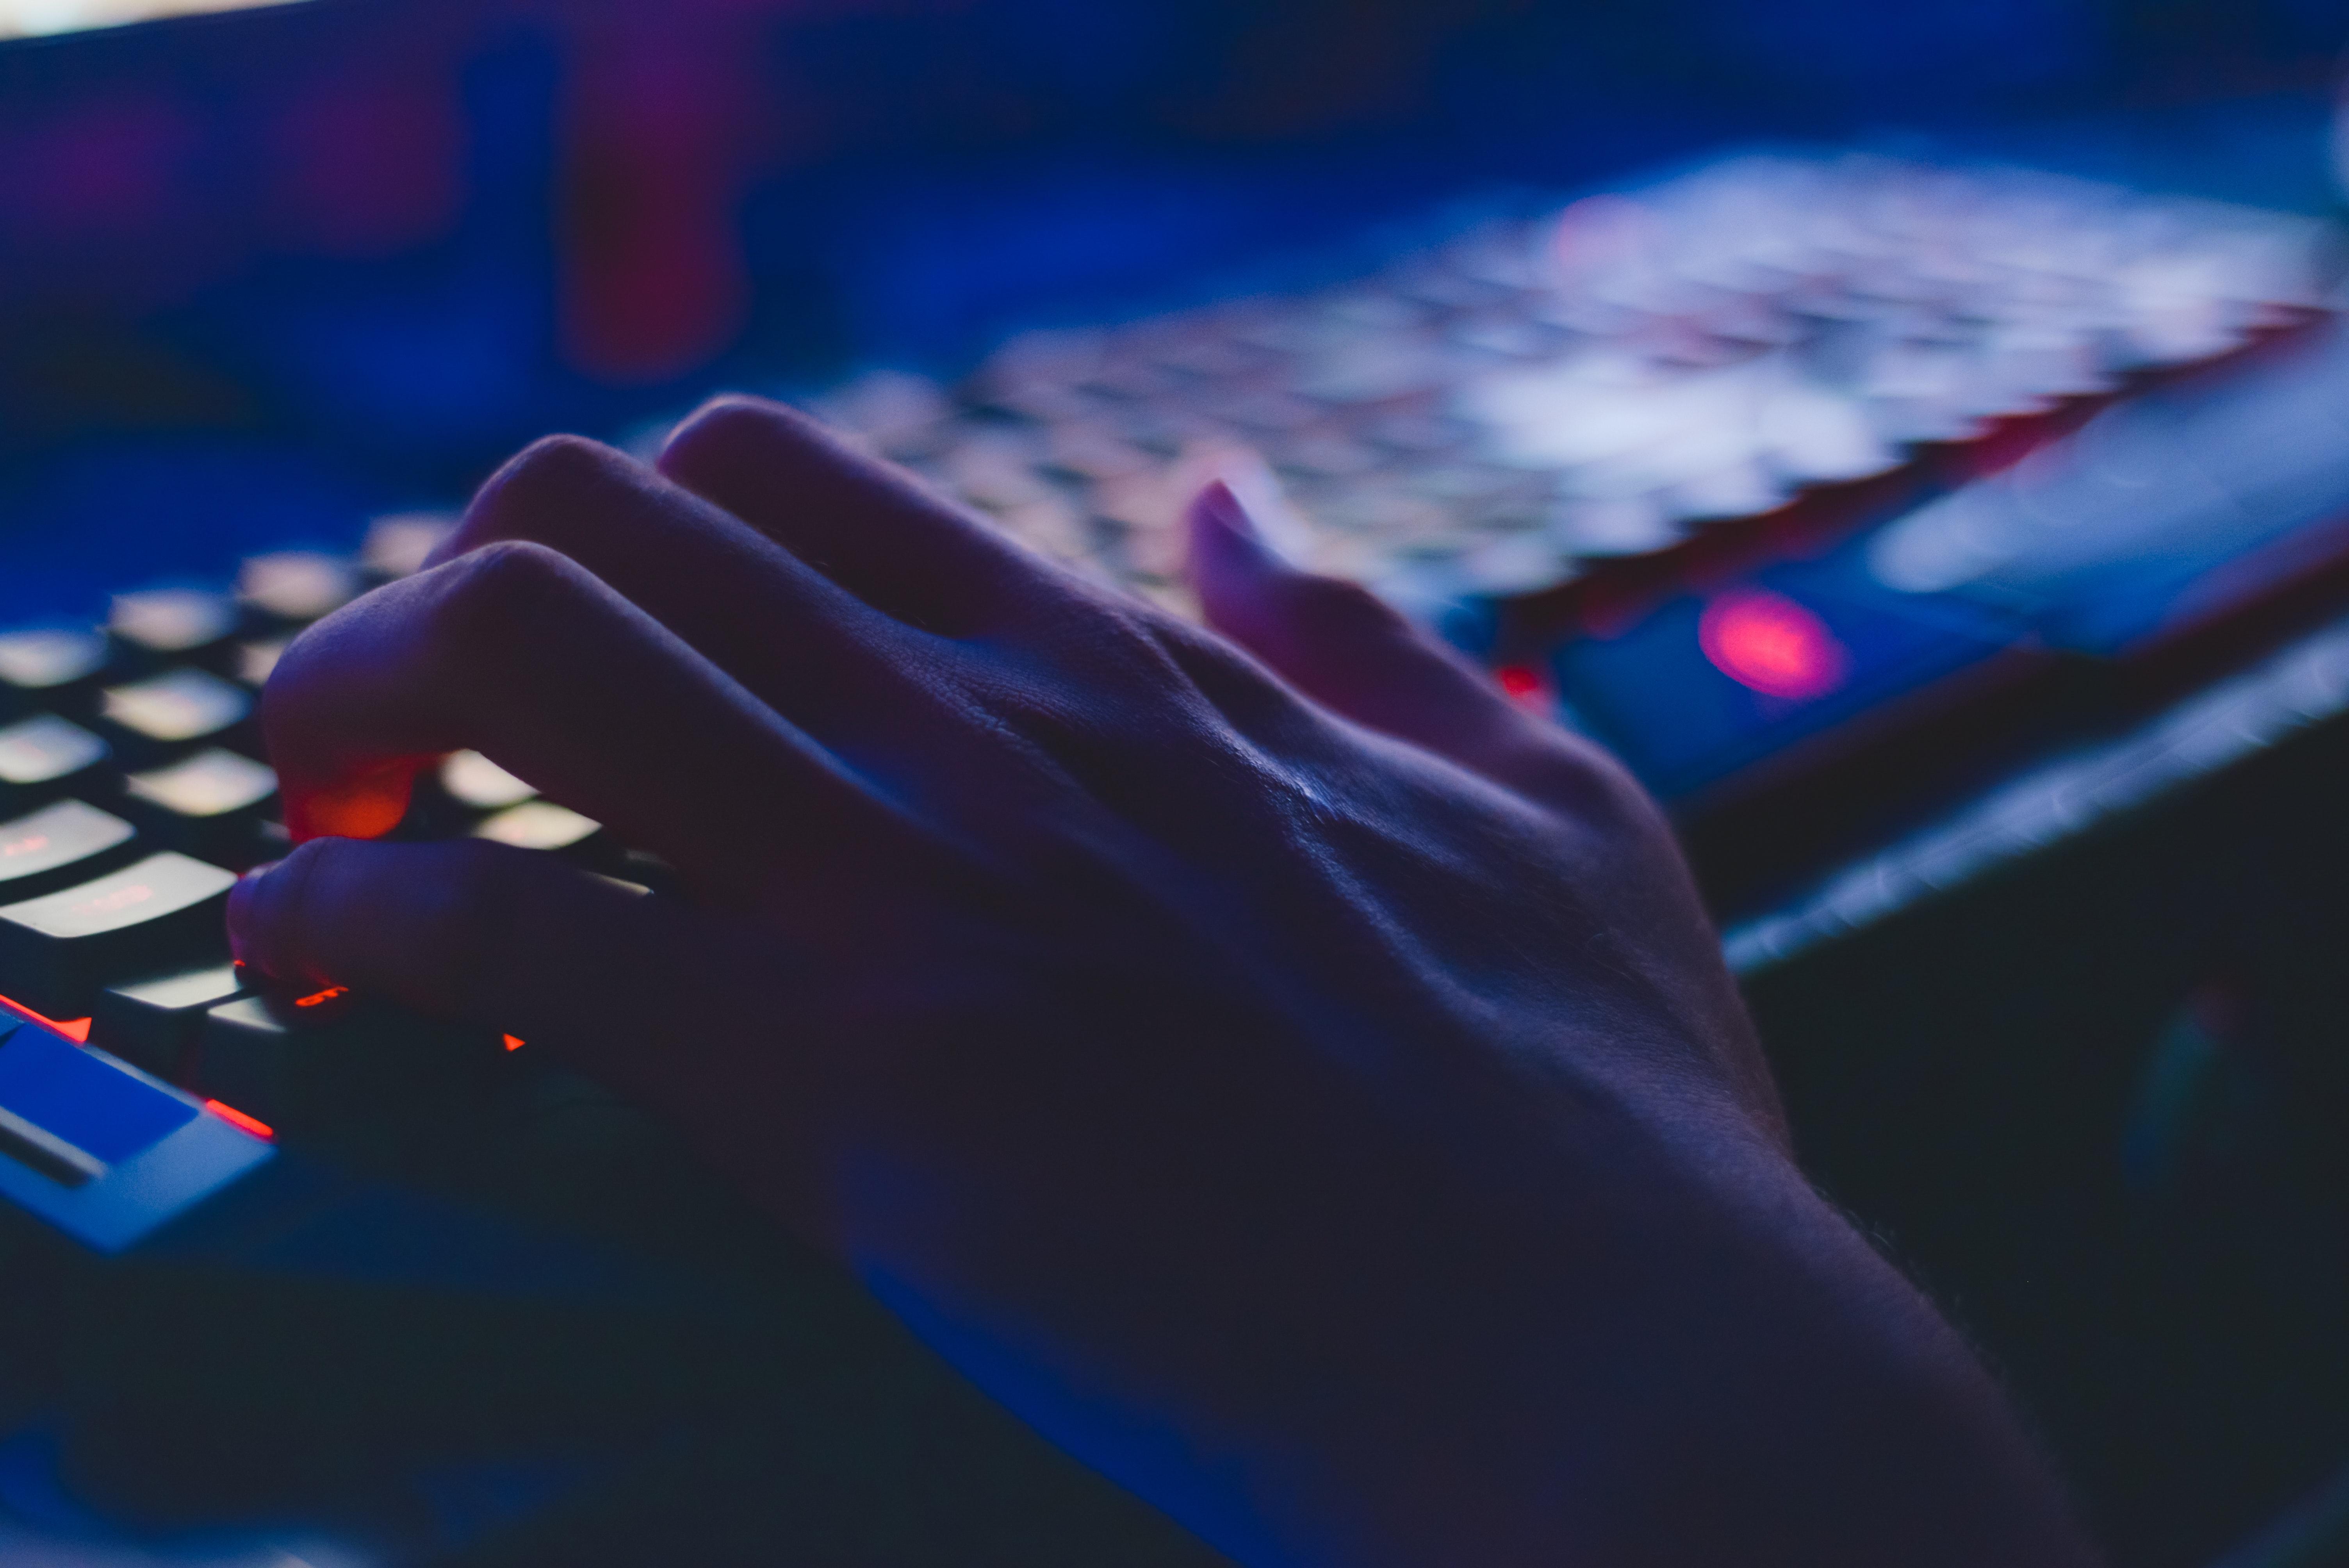 Kremlparast internet trollari Markaziy Osiyodagi faoliyatini kuchaytirmoqda